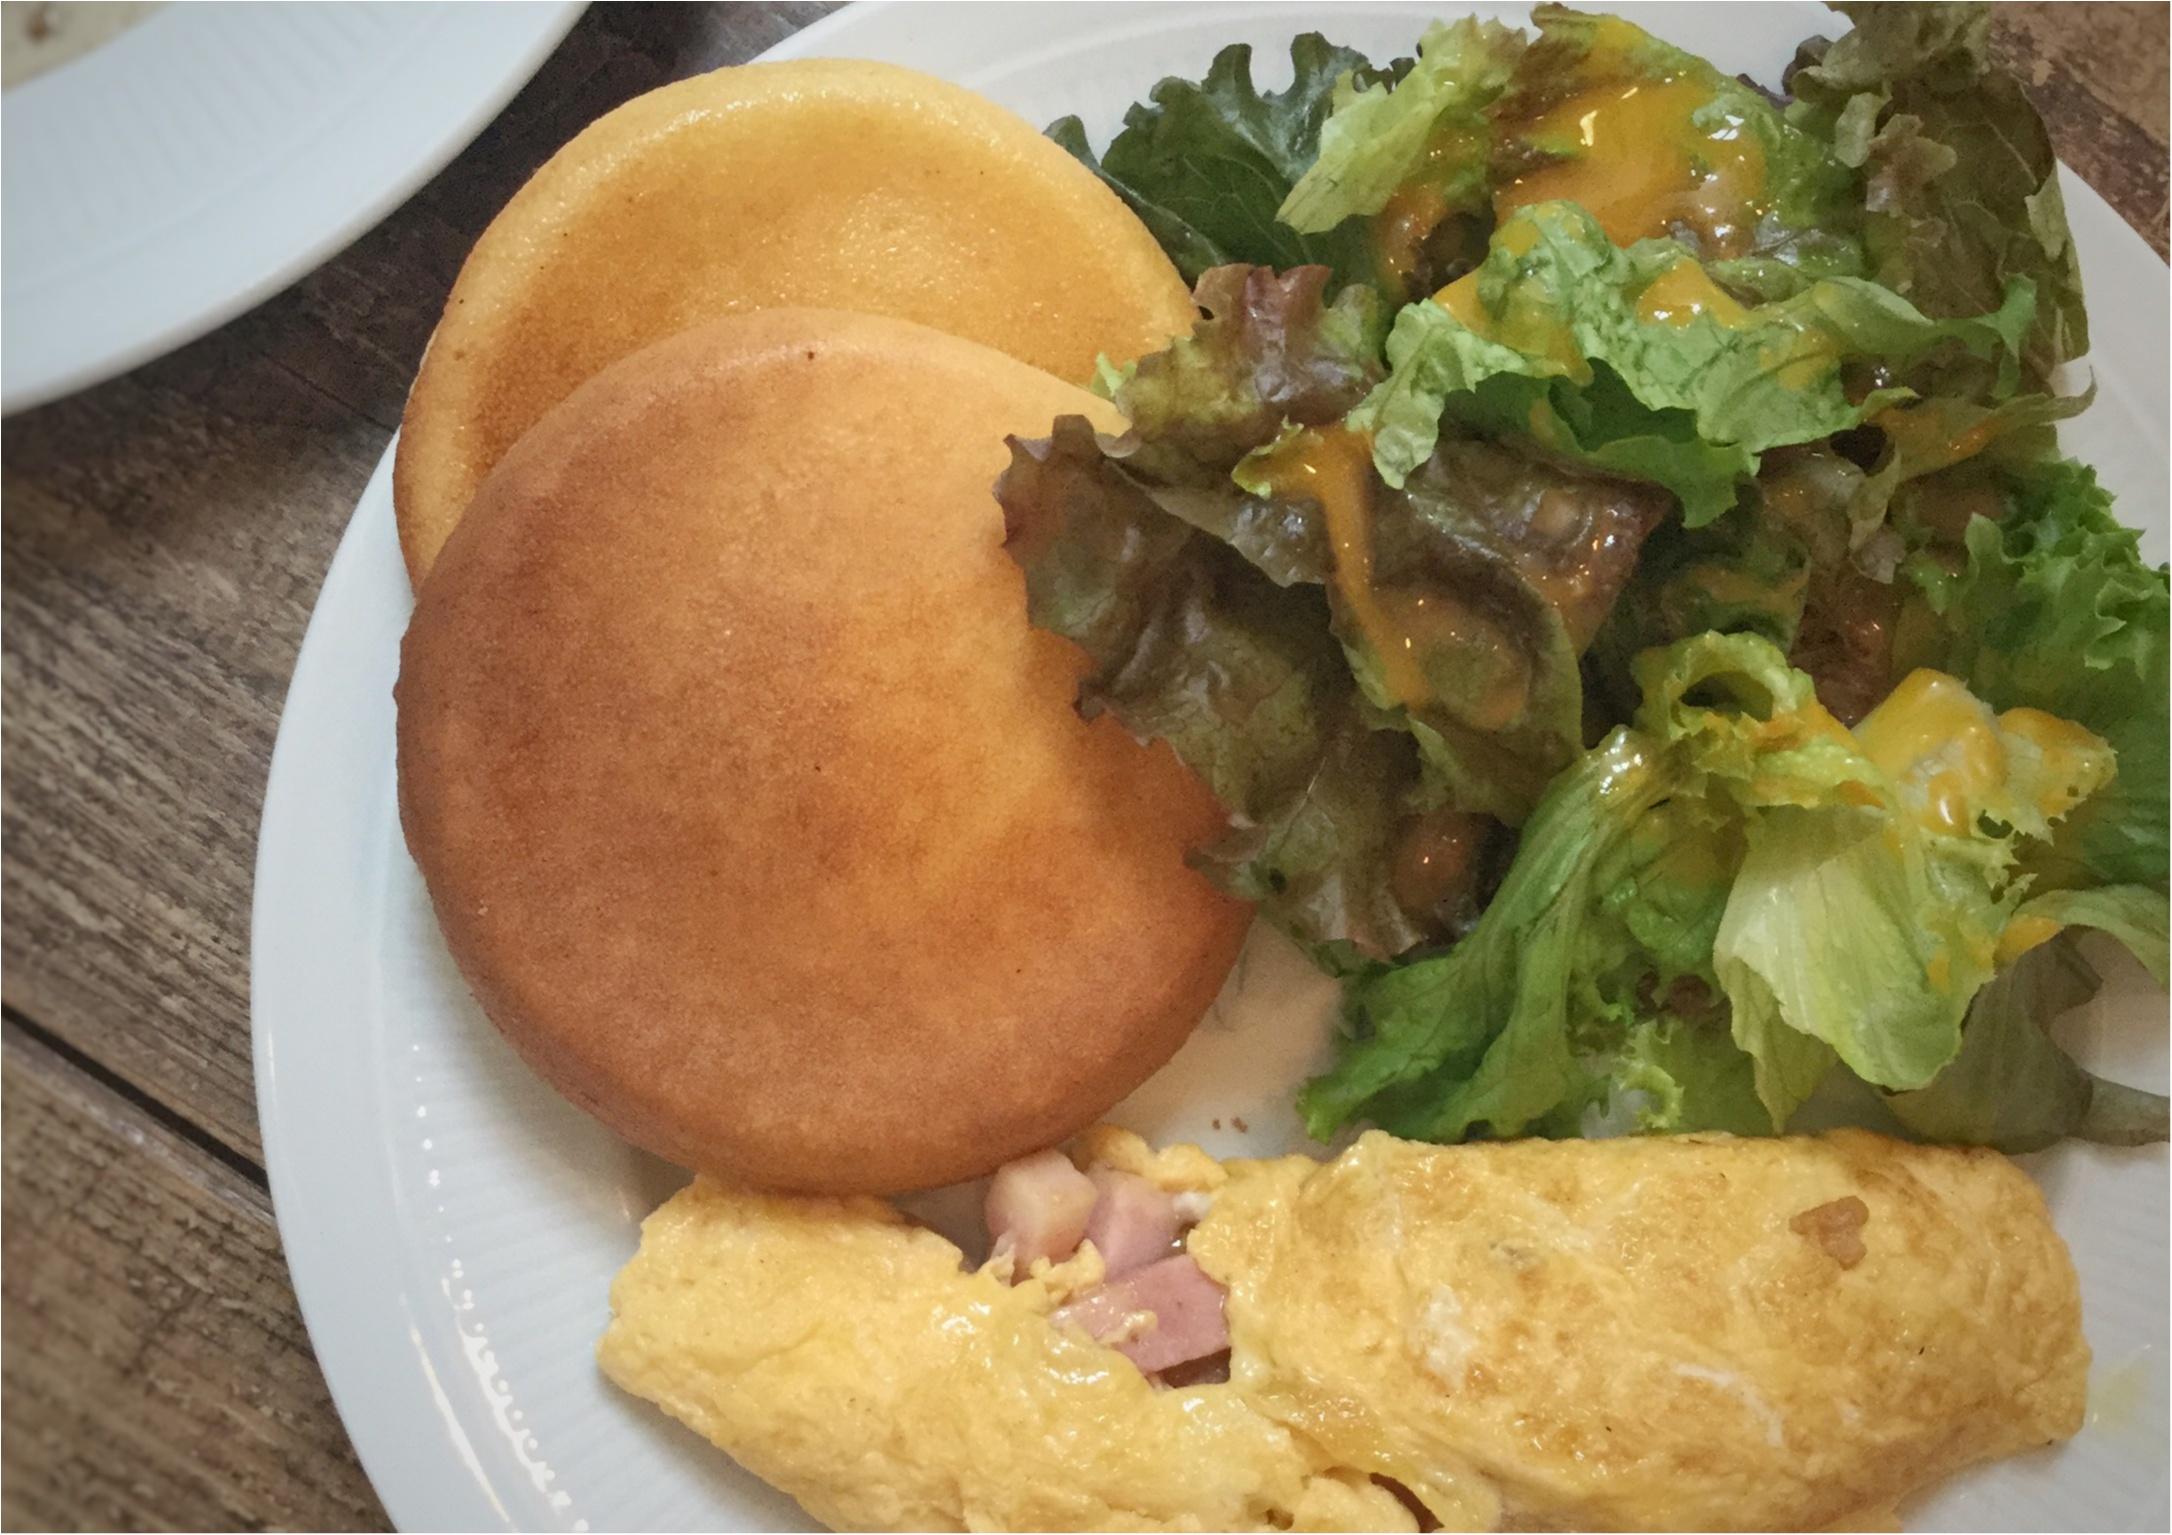 【人気No. 1カフェ】広島で最も人気なカフェ「43(キャラントトロワ)」パンガレットを食べながら癒しタイムを過ごしませんか?_4